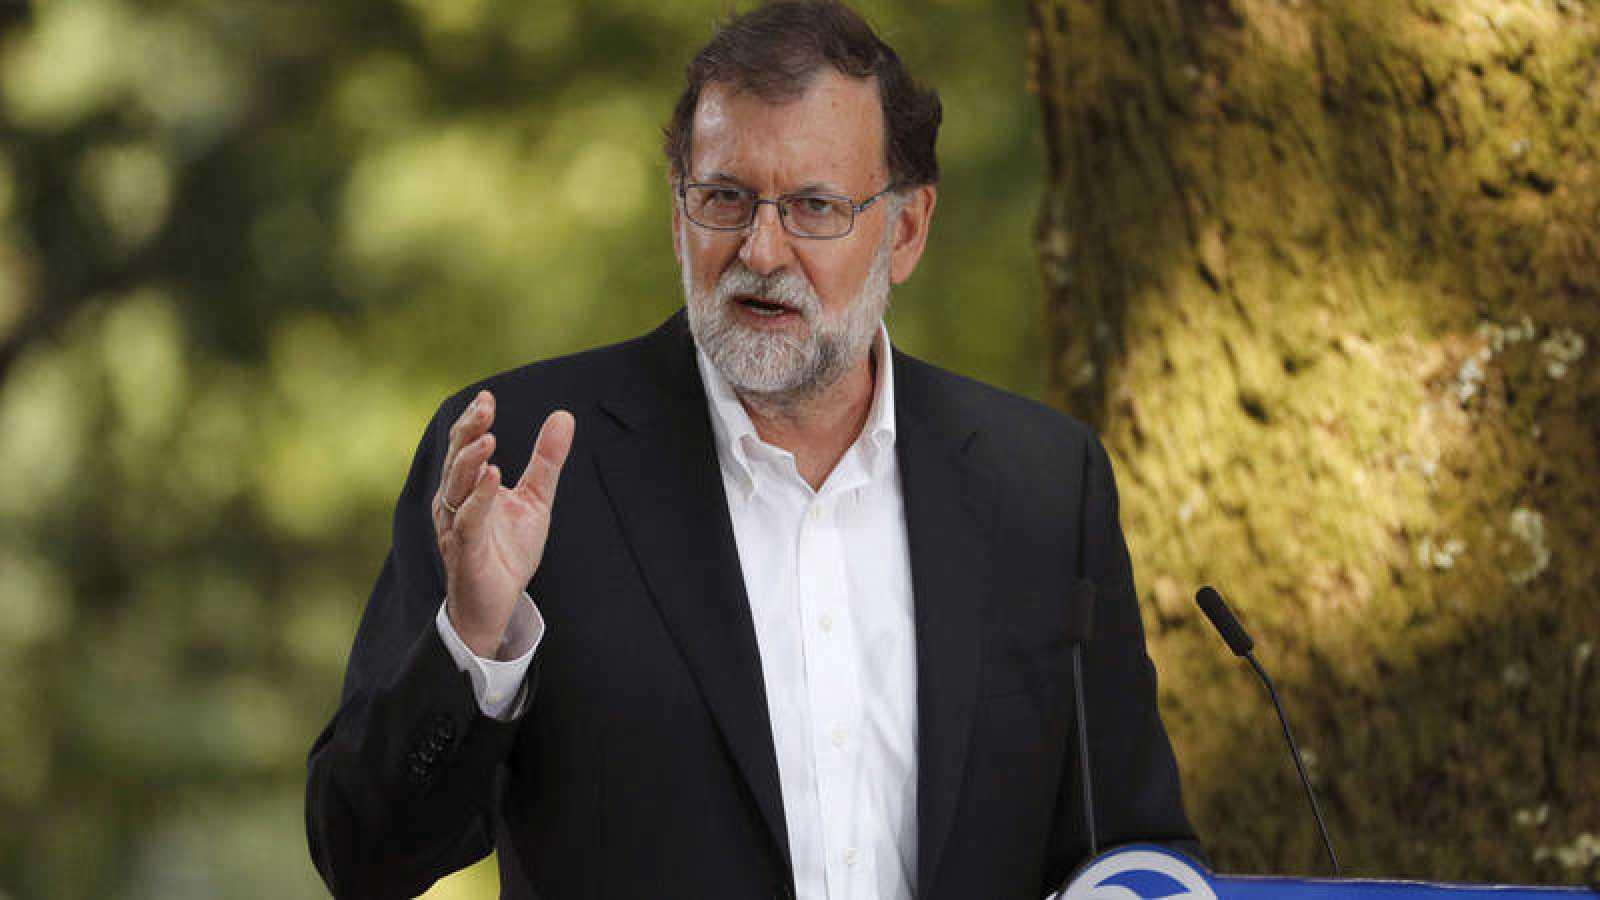 El presidente del Gobierno, Mariano Rajoy, interviene en un acto del PP